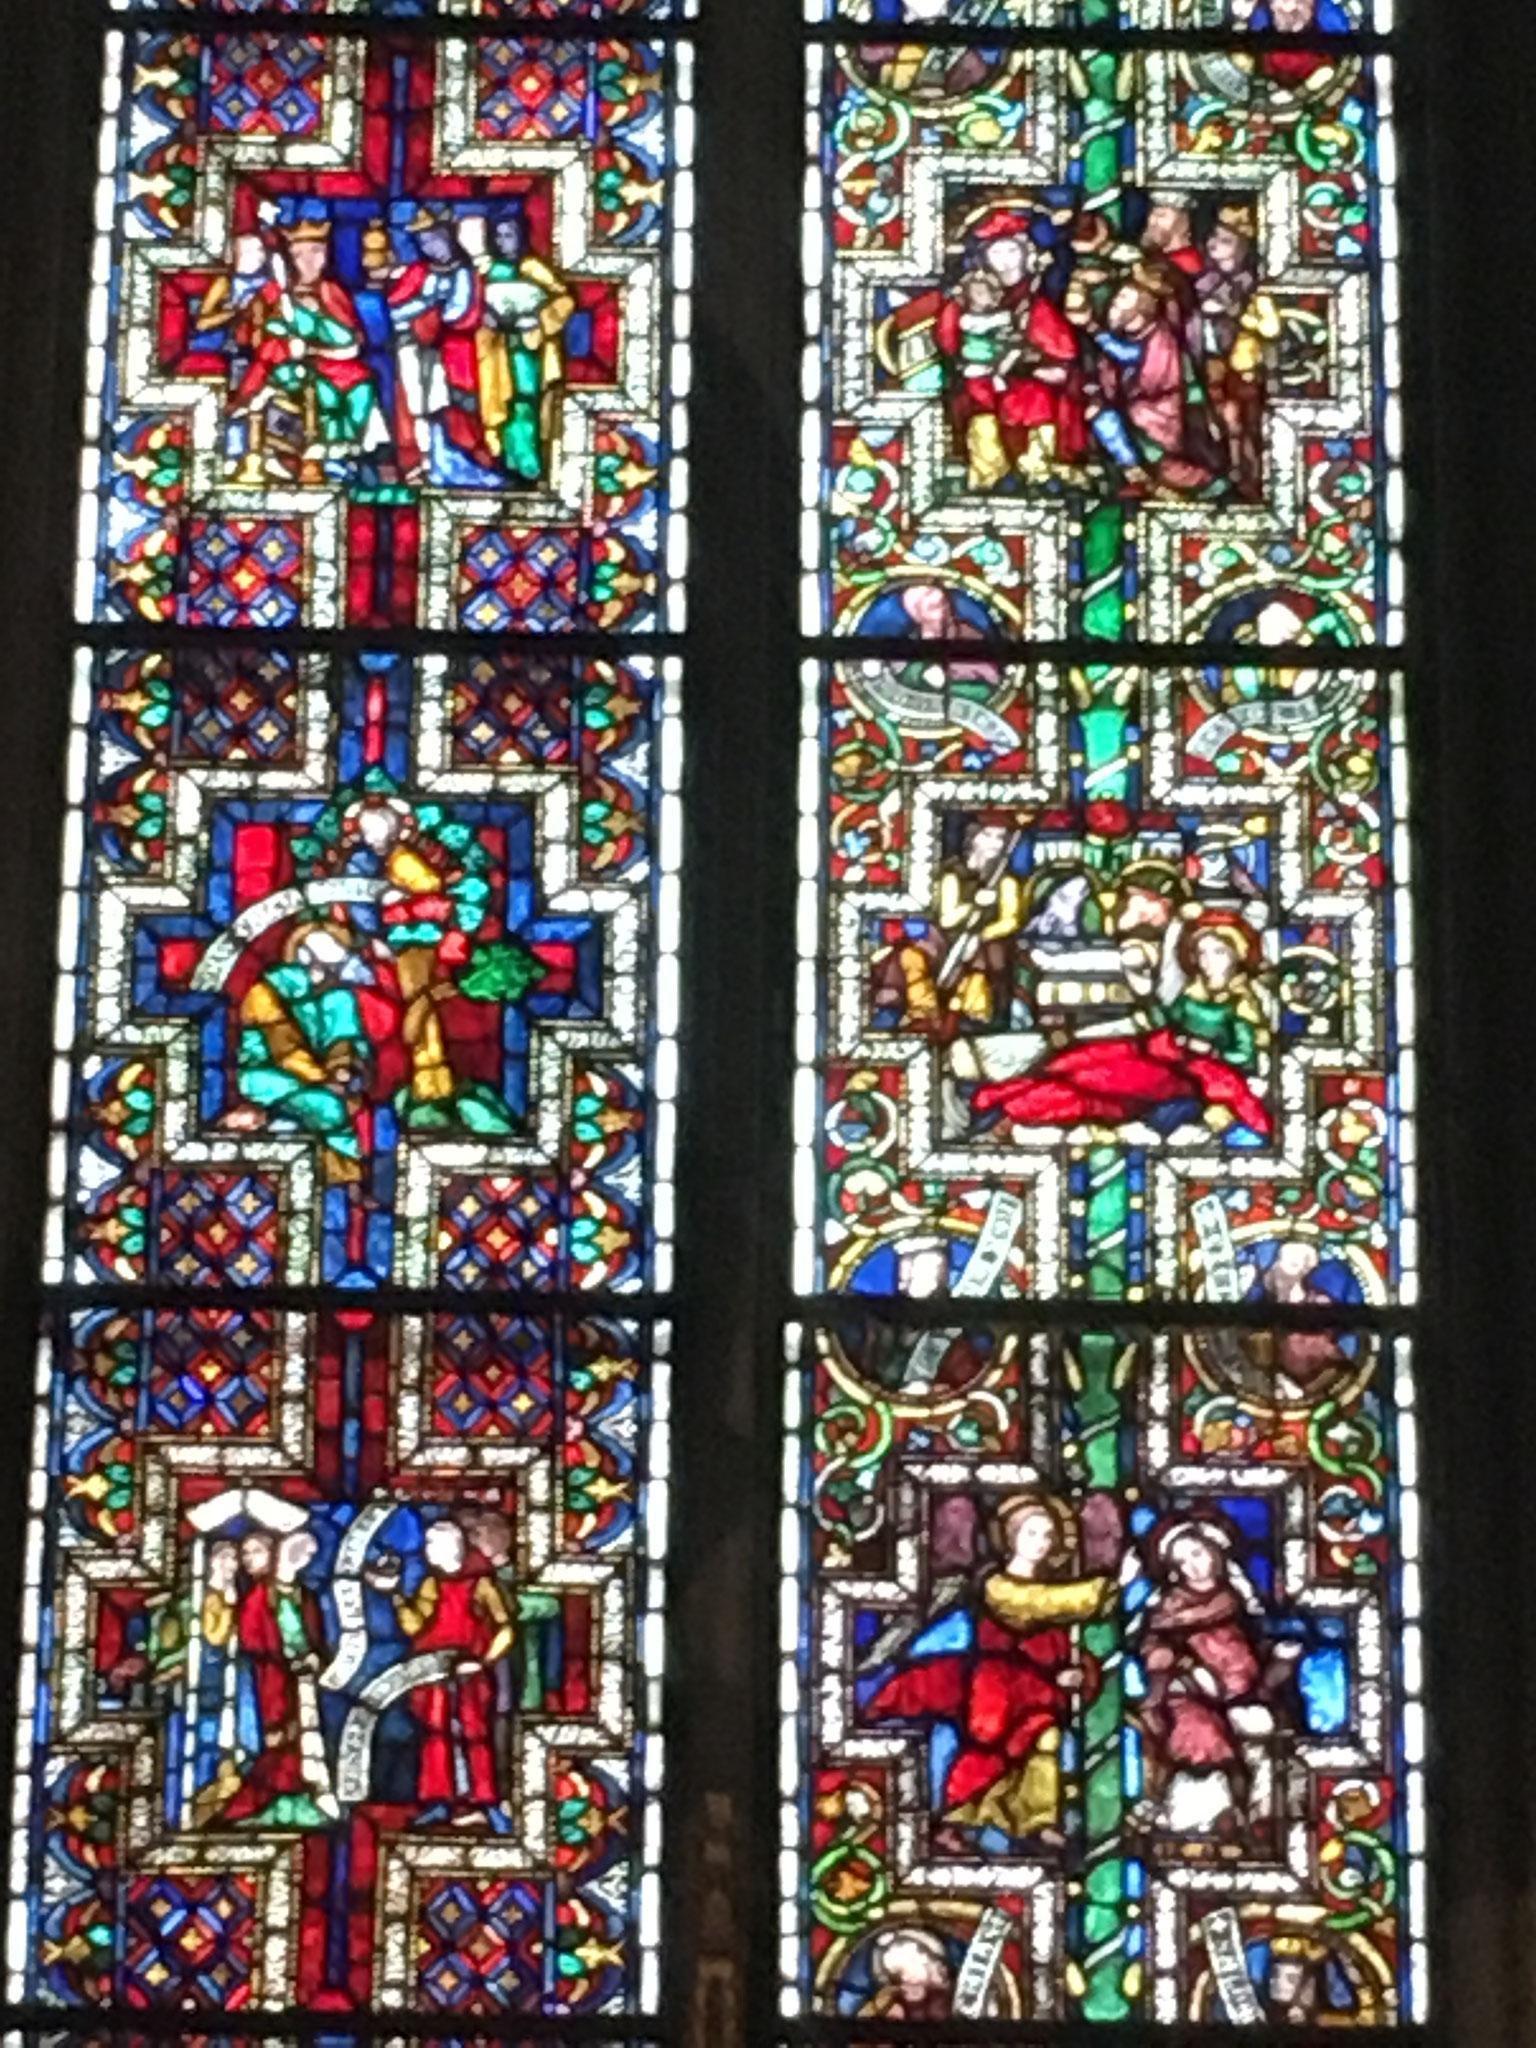 ケルン大聖堂内1300年代のステンドガラス、見事の一言